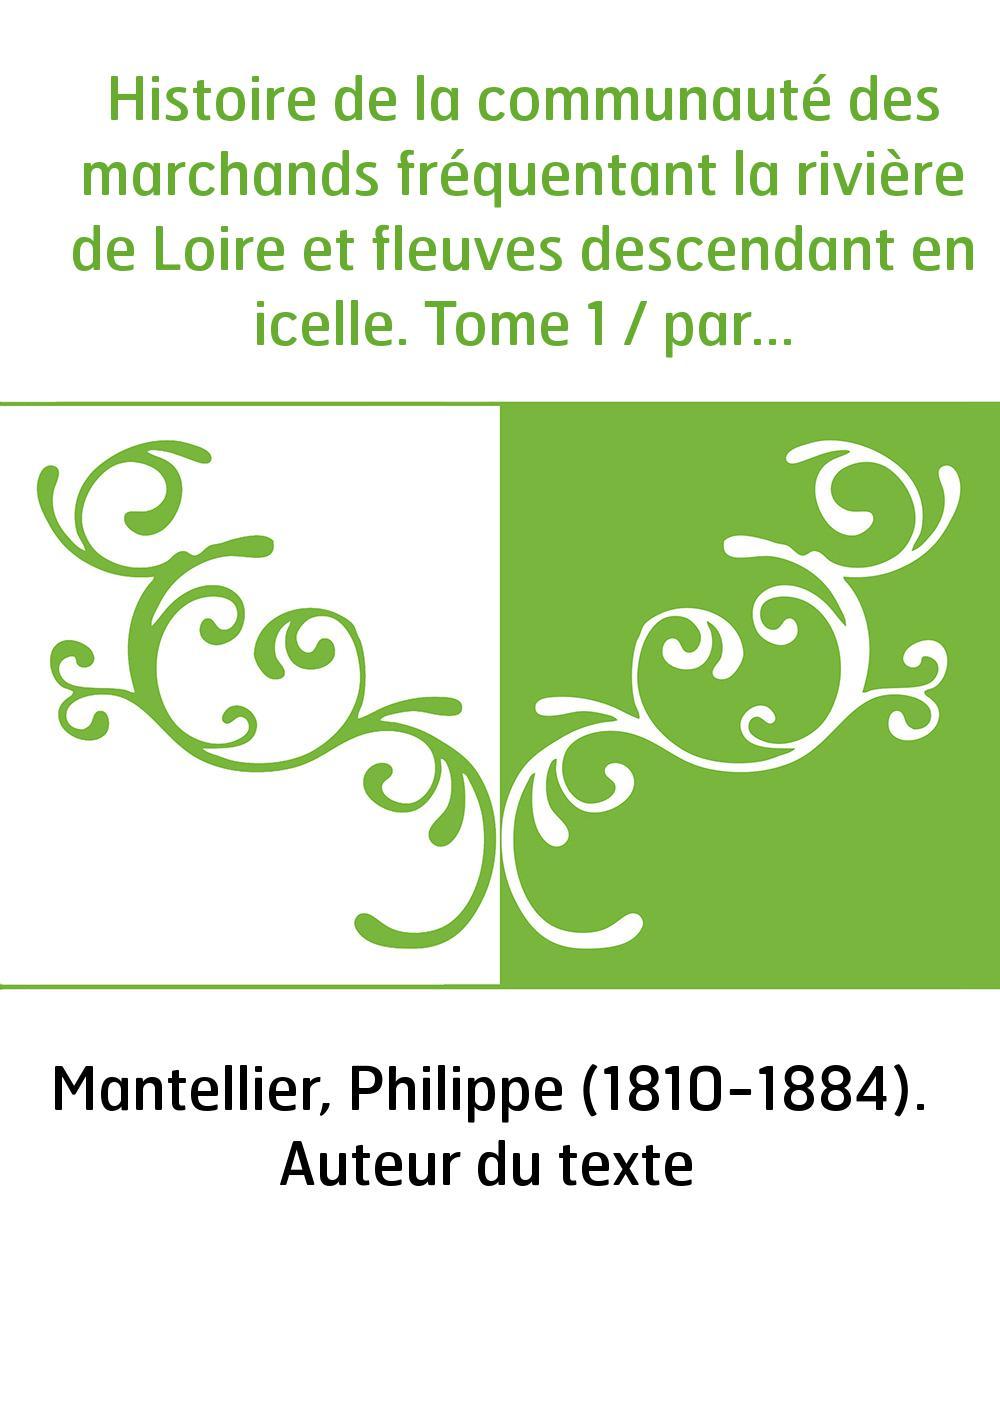 Histoire de la communauté des marchands fréquentant la rivière de Loire et fleuves descendant en icelle. Tome 1 / par P. Mantell